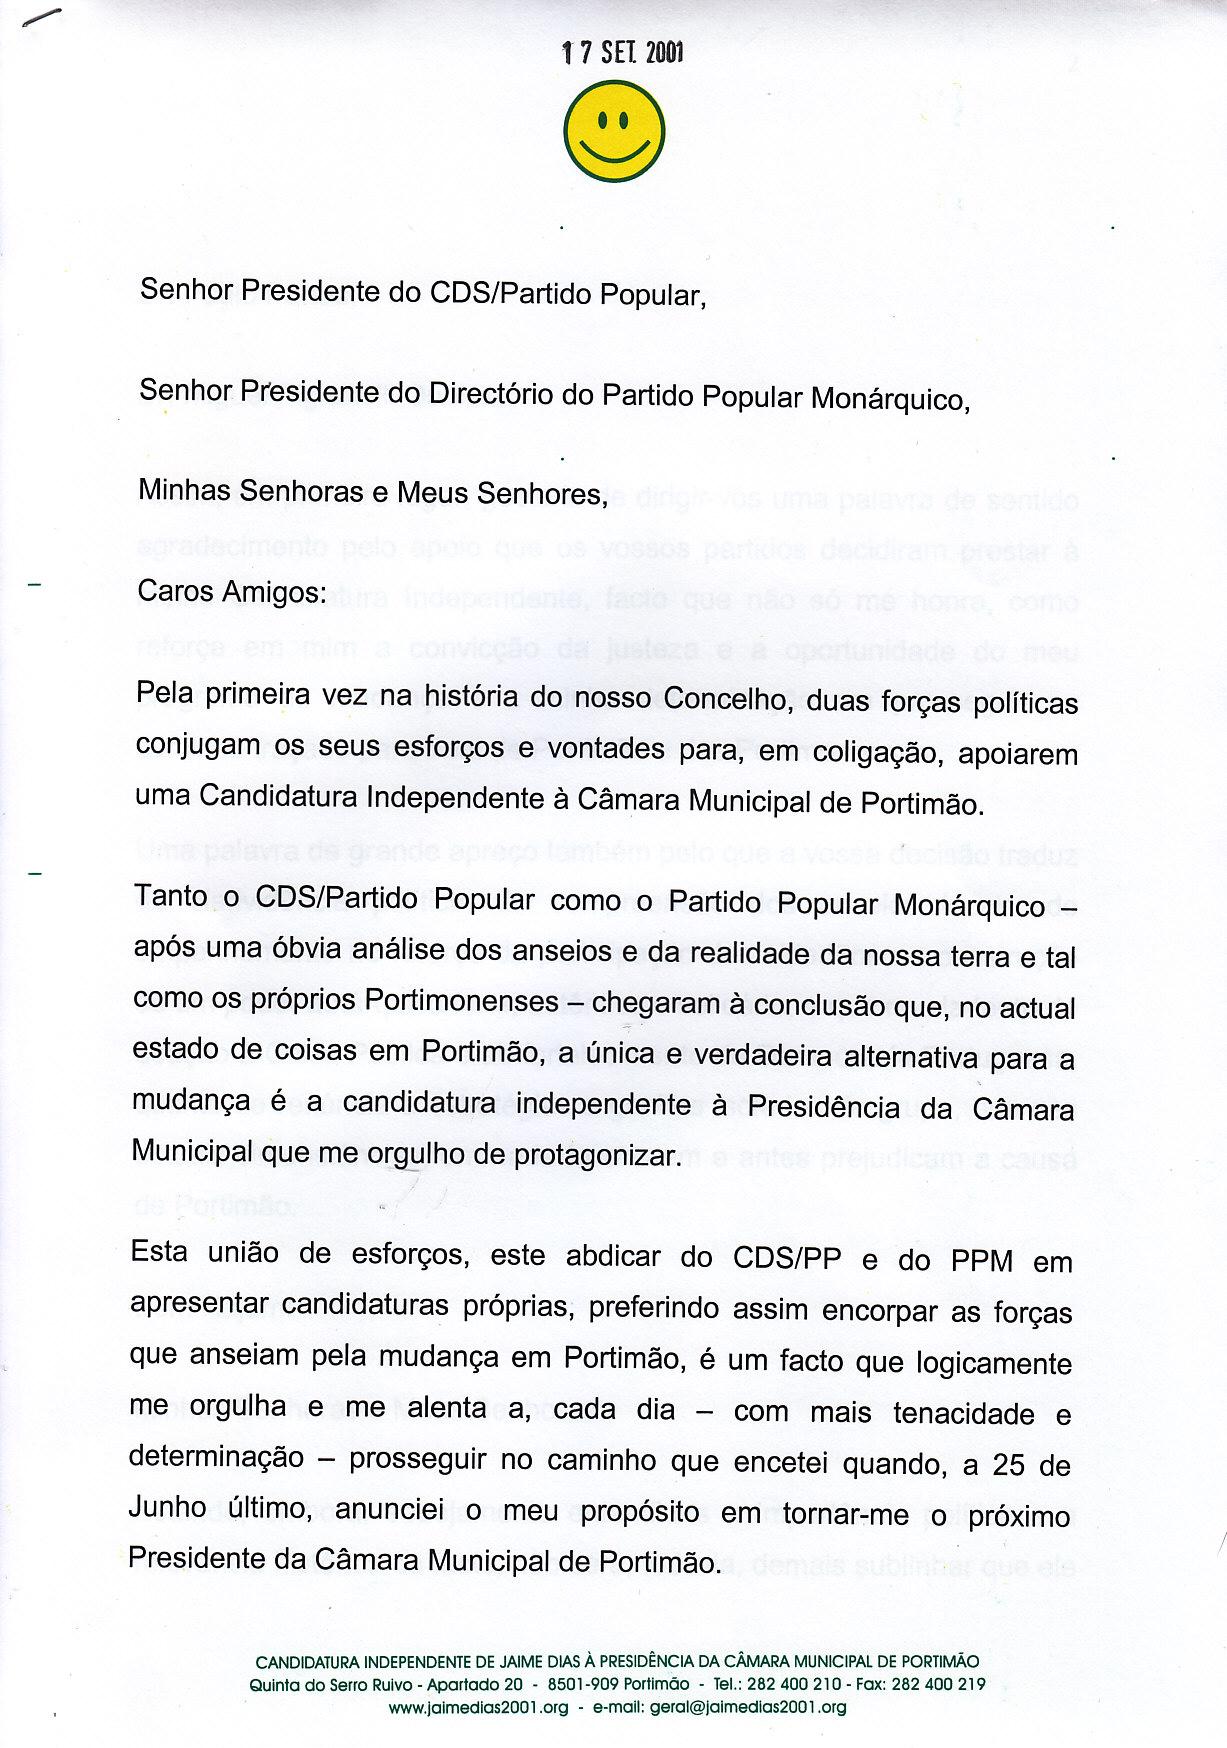 Jaime_Dias_Portimao_2001_0006